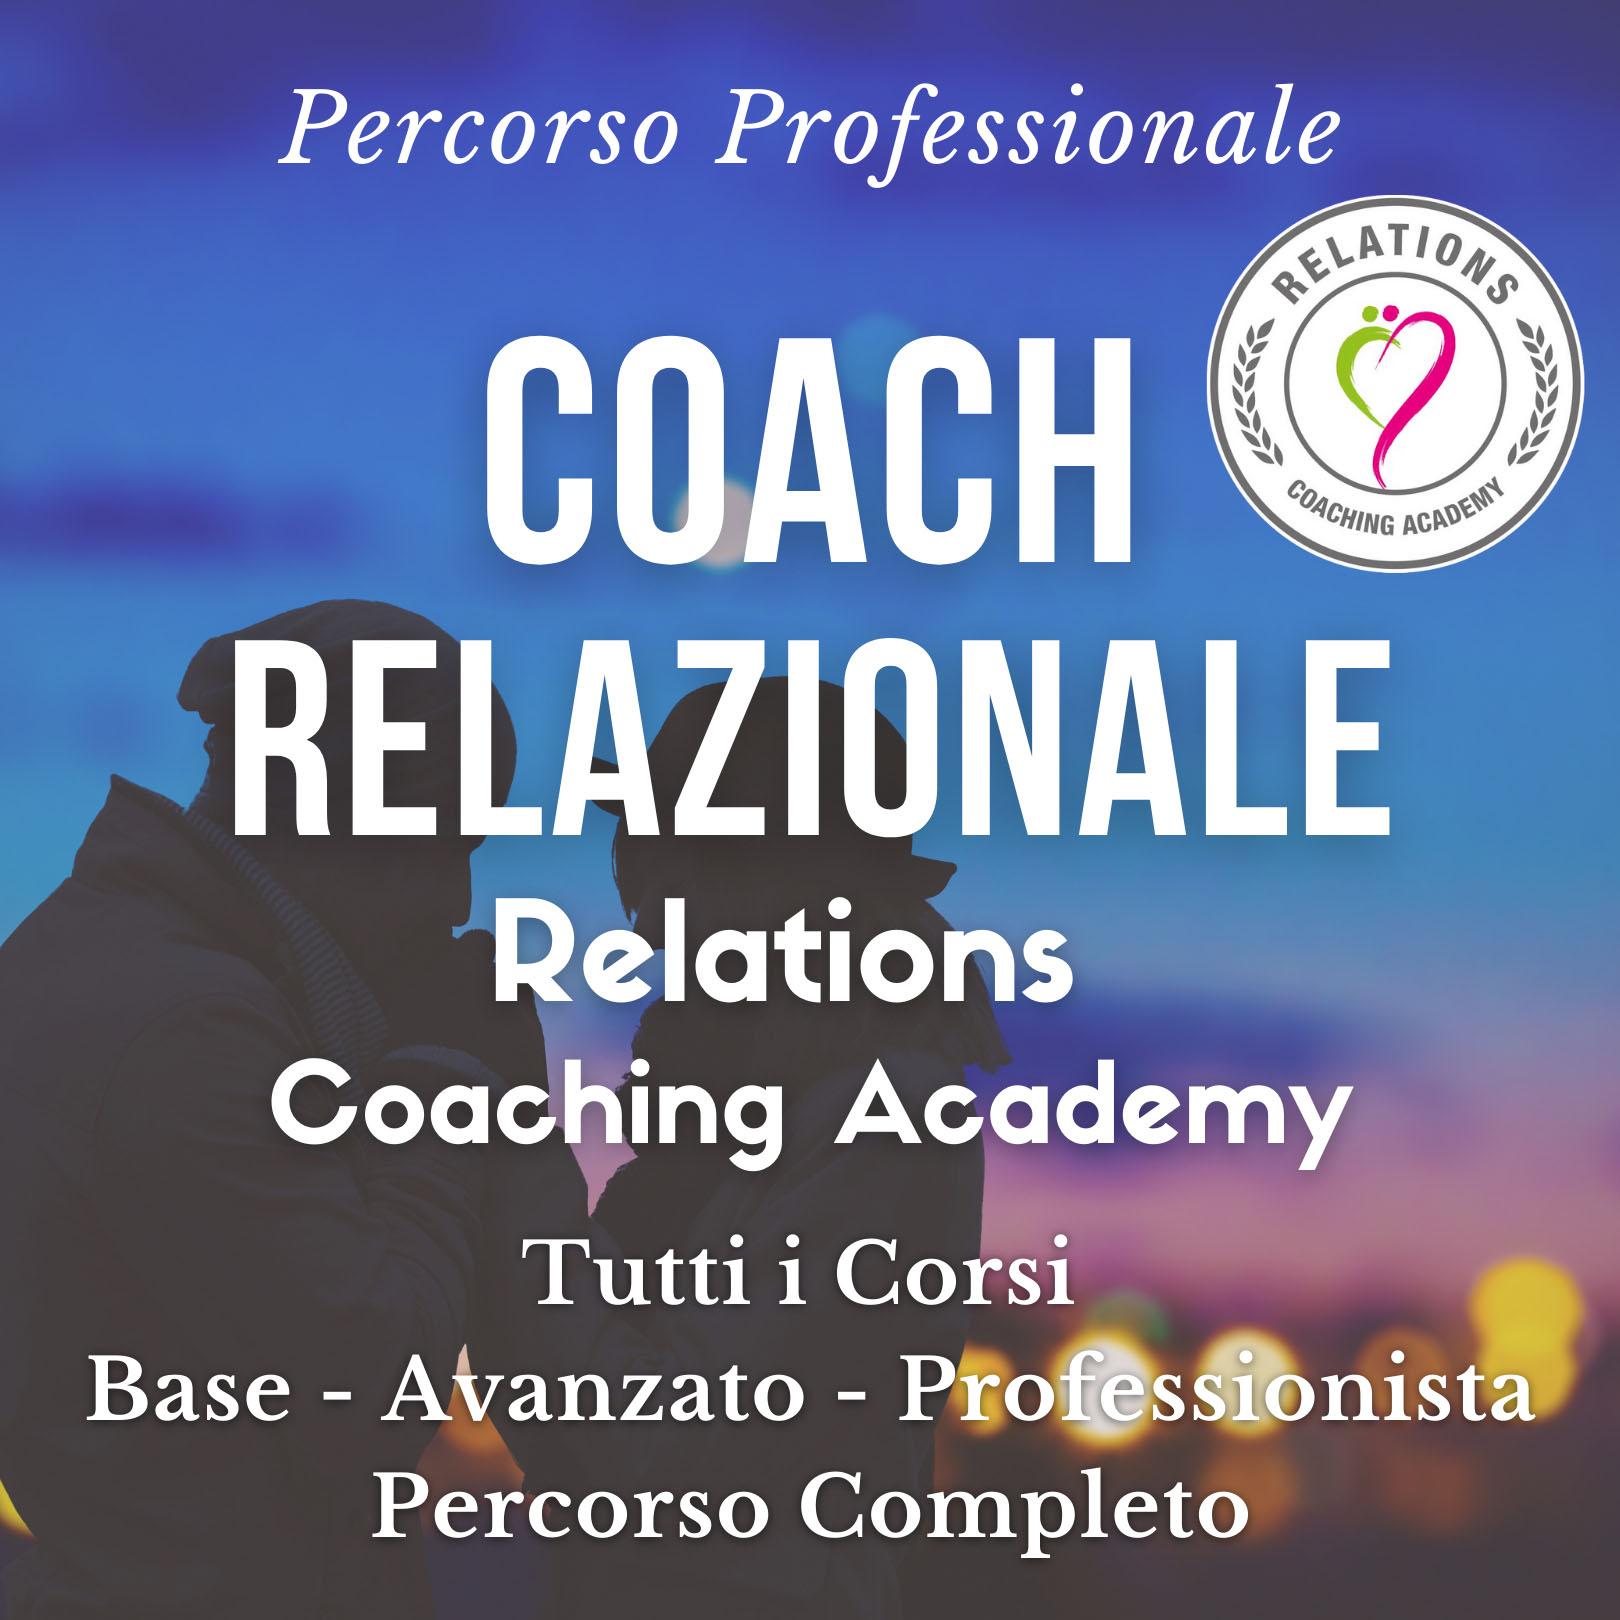 Corsi Love Coach Relazionale